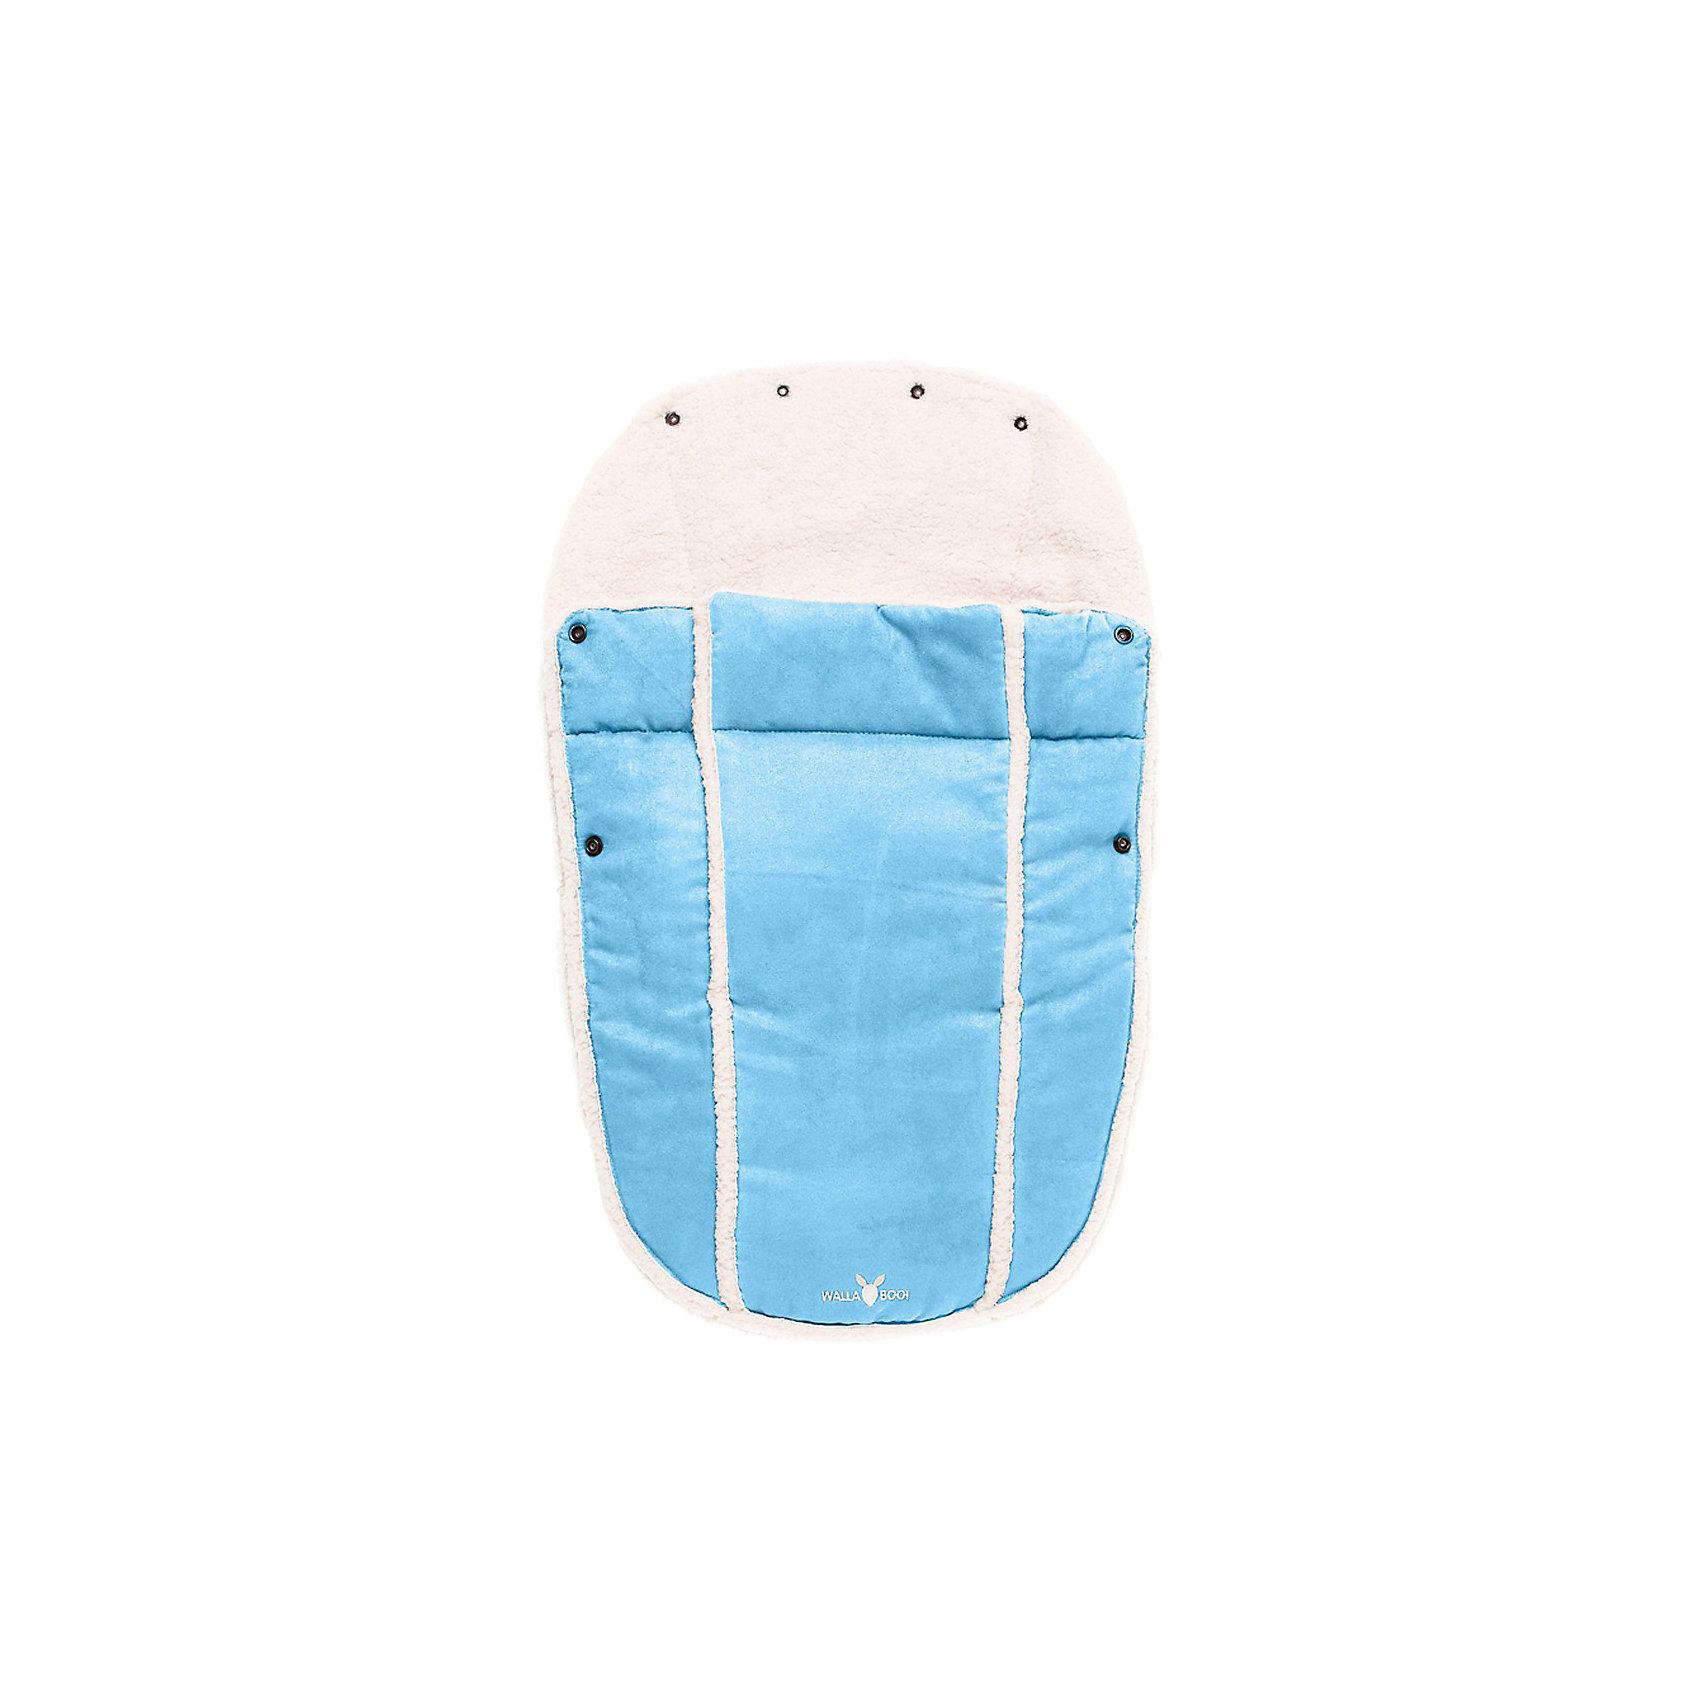 Конверт в коляску 0-12 месяцев,Wallaboo, голубой